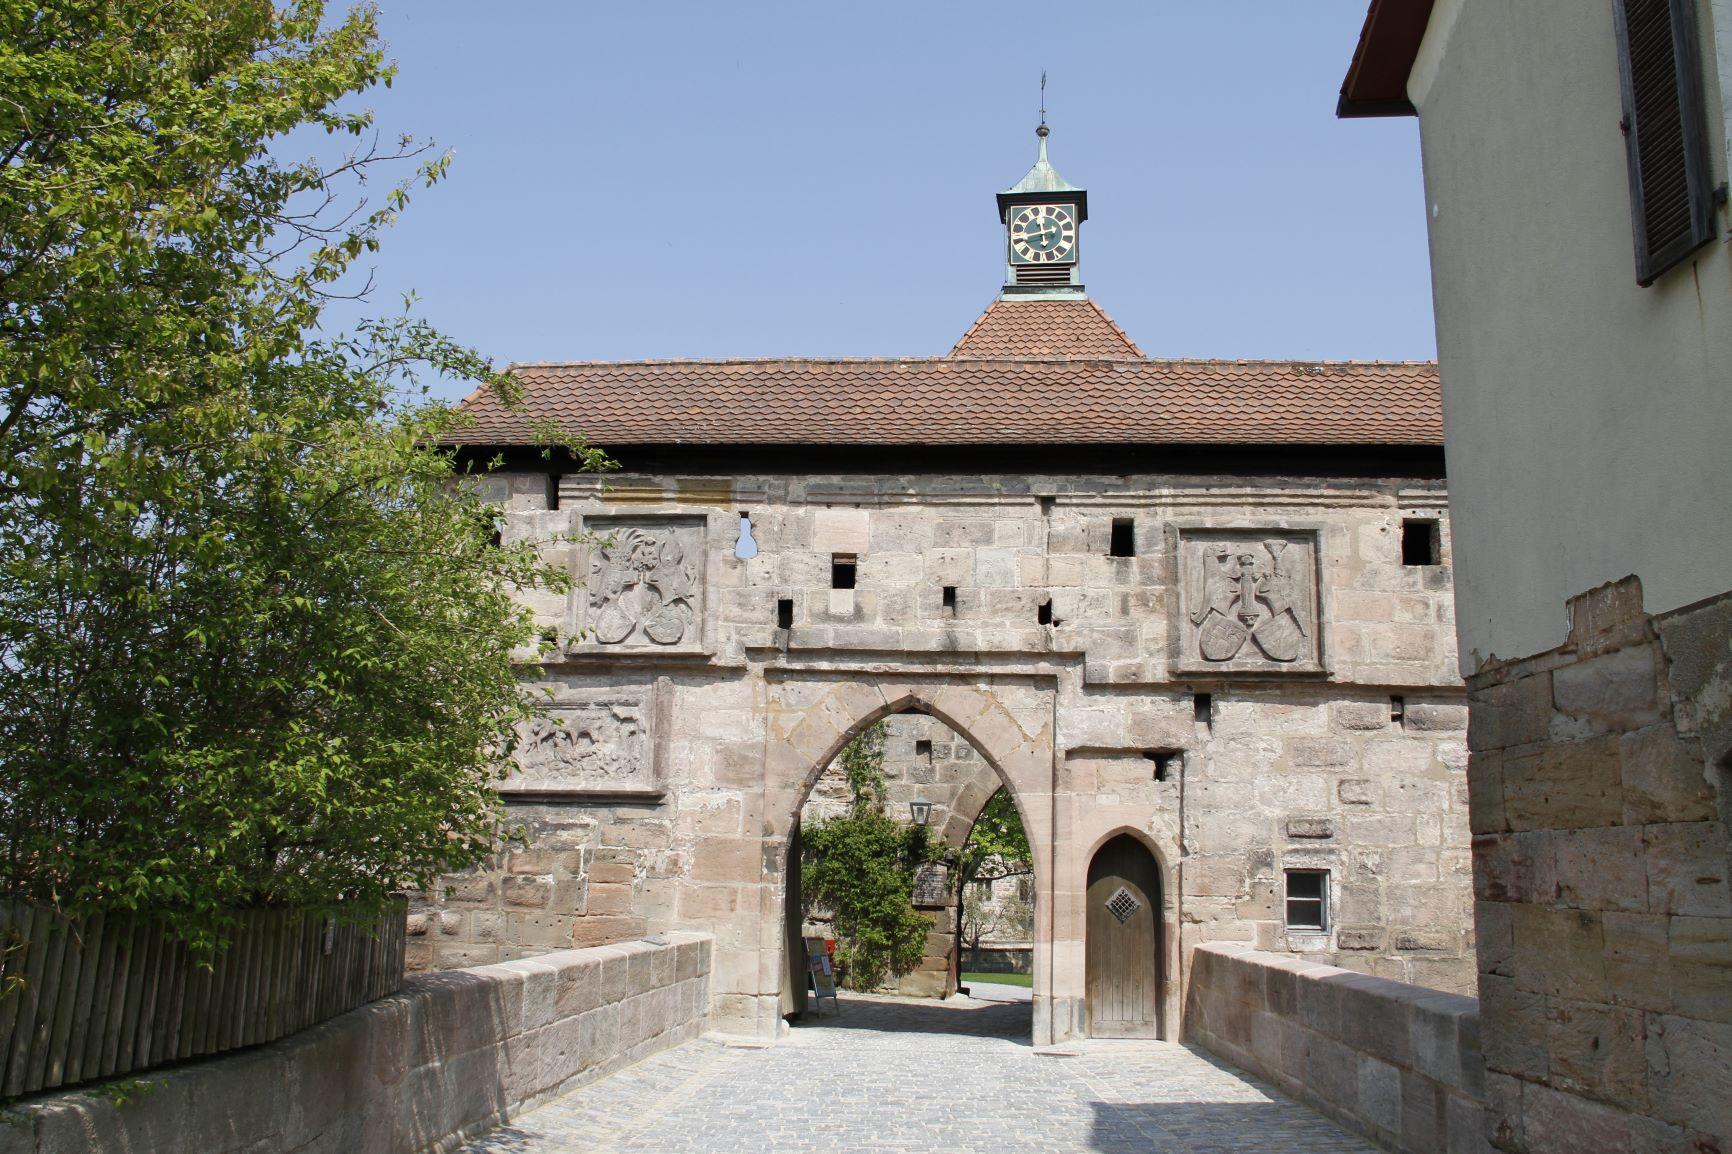 Burgtor mit Wappen, Zugbrückennische und Mannpforte